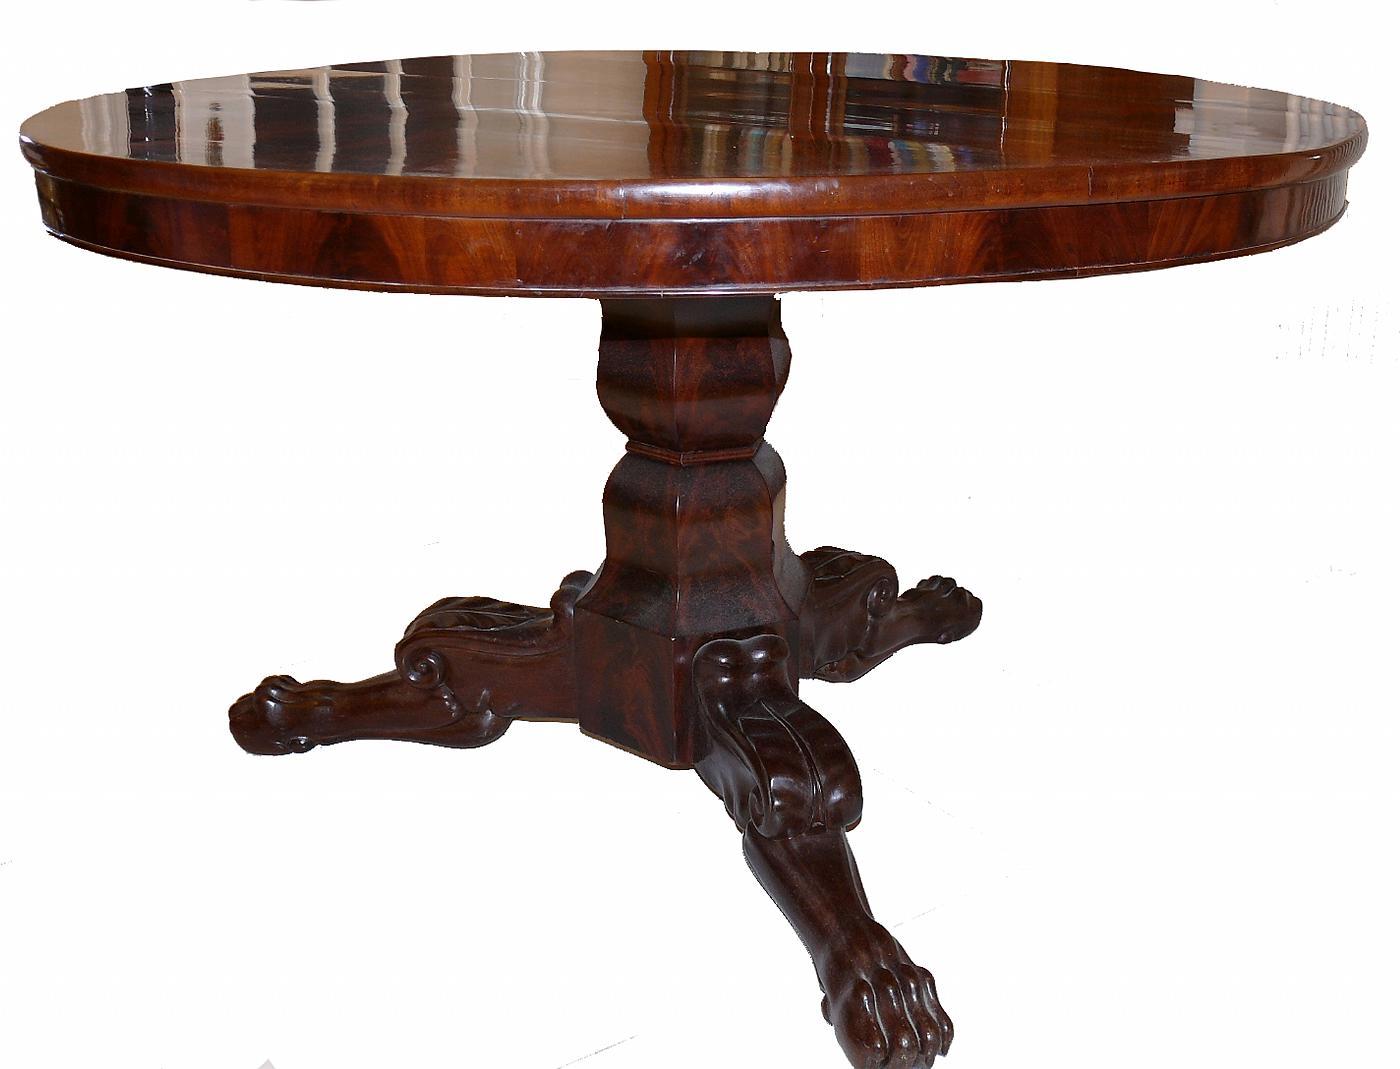 Tavolo Da Pranzo. Antiquariato Su Anticoantico #69301B 1400 1069 Tavola O Tavolo Da Pranzo